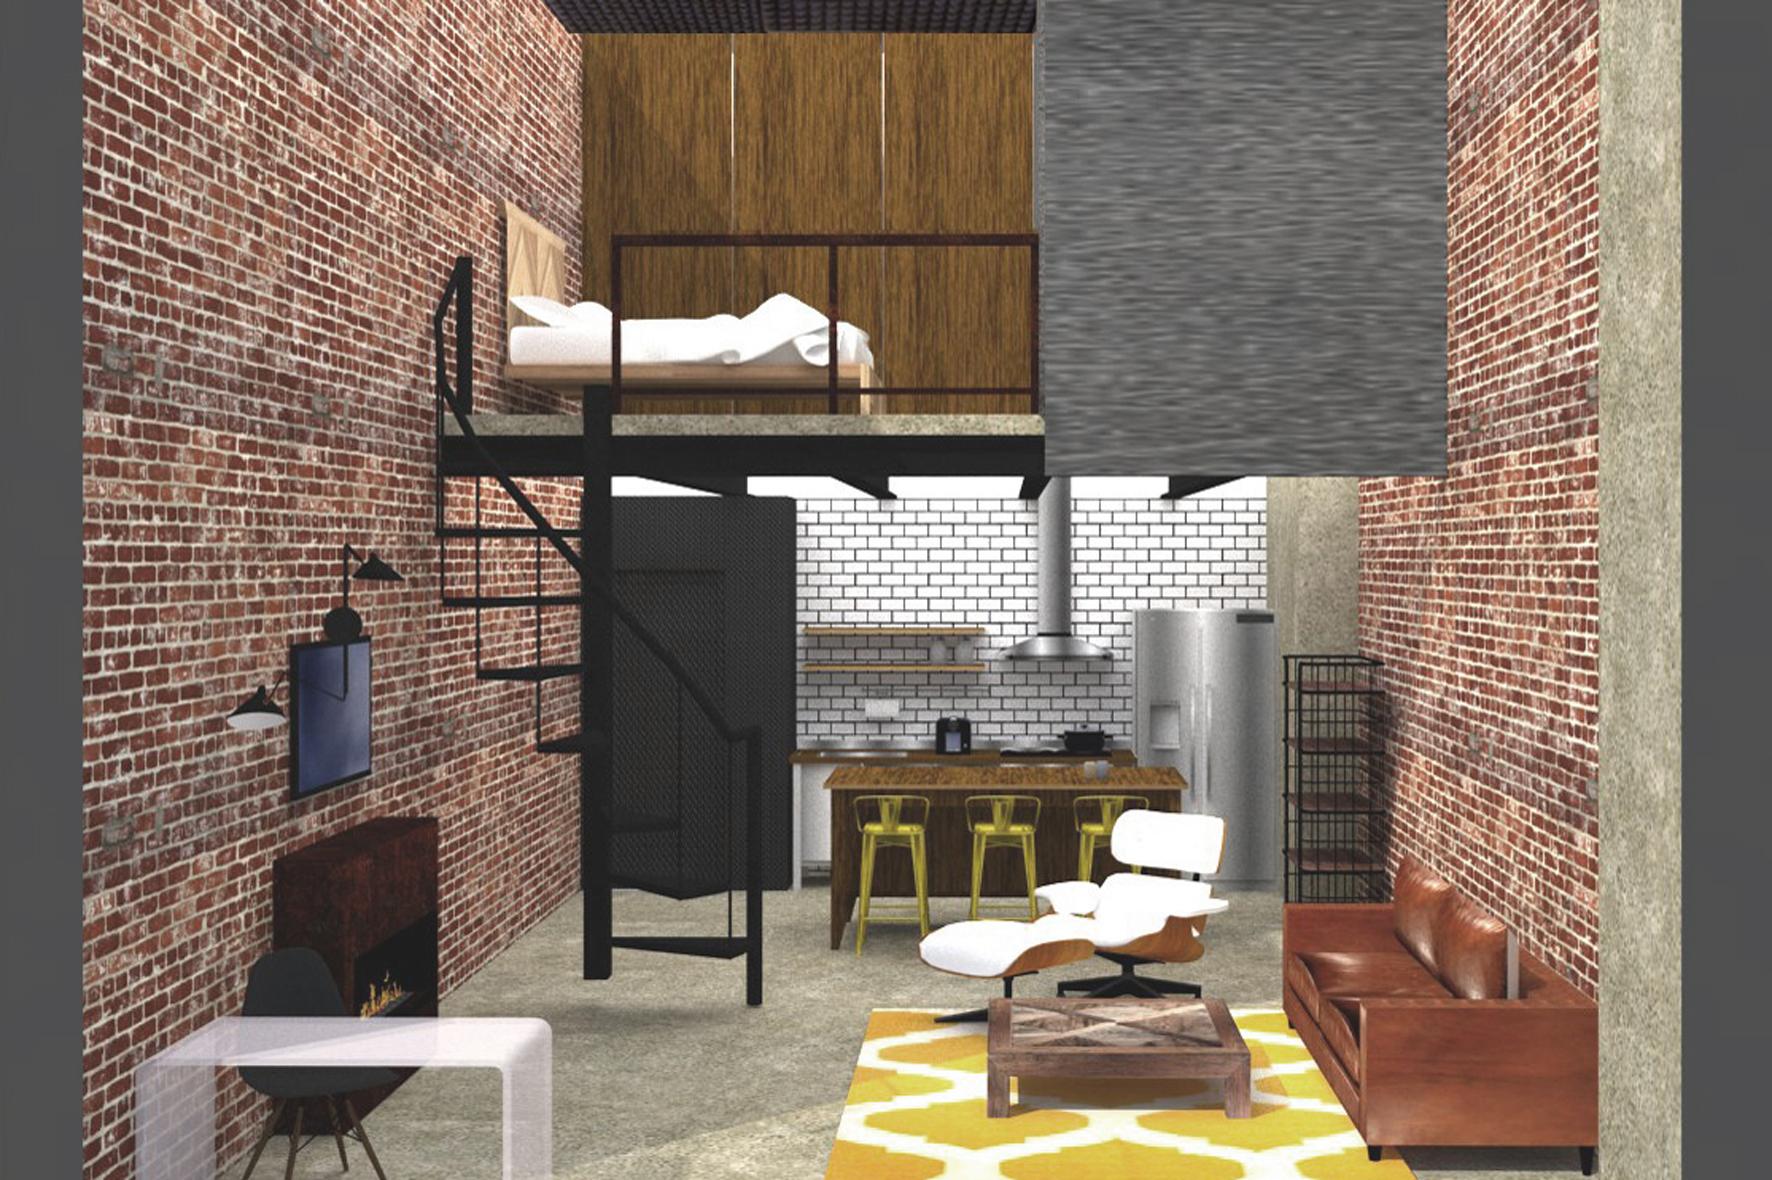 Reforma loft arquitectura interiorismo studiobmk (5)